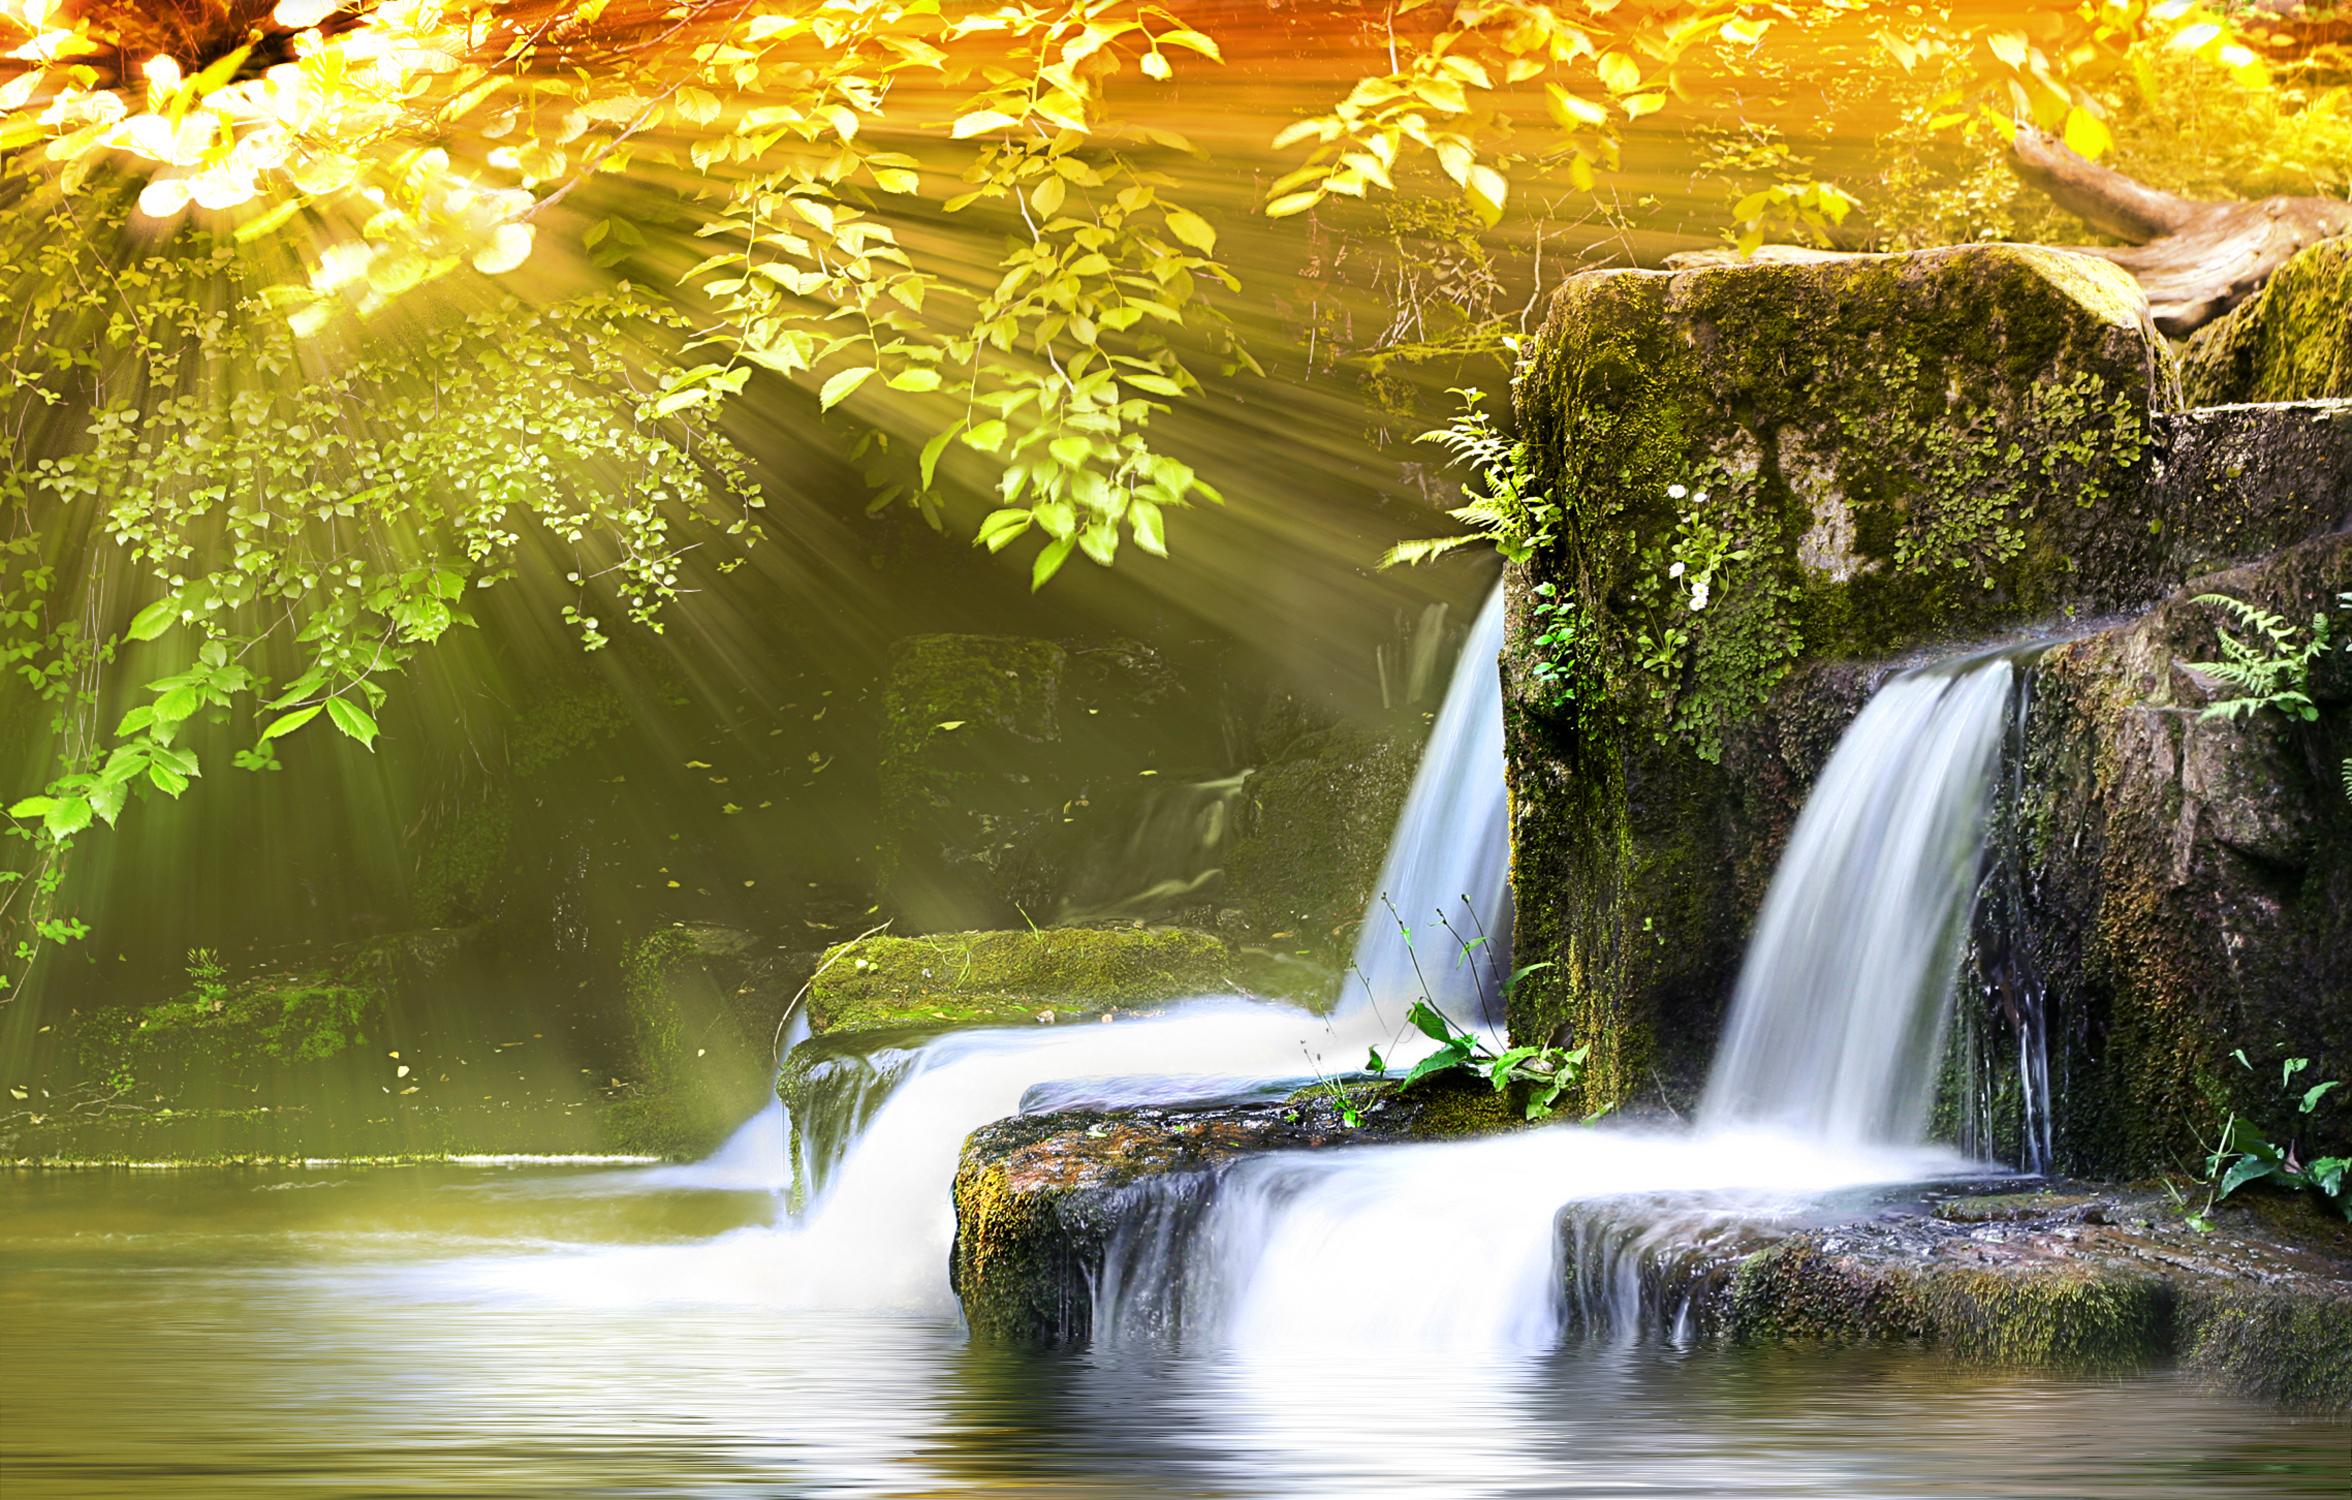 Именем семен, водопад открытка видео